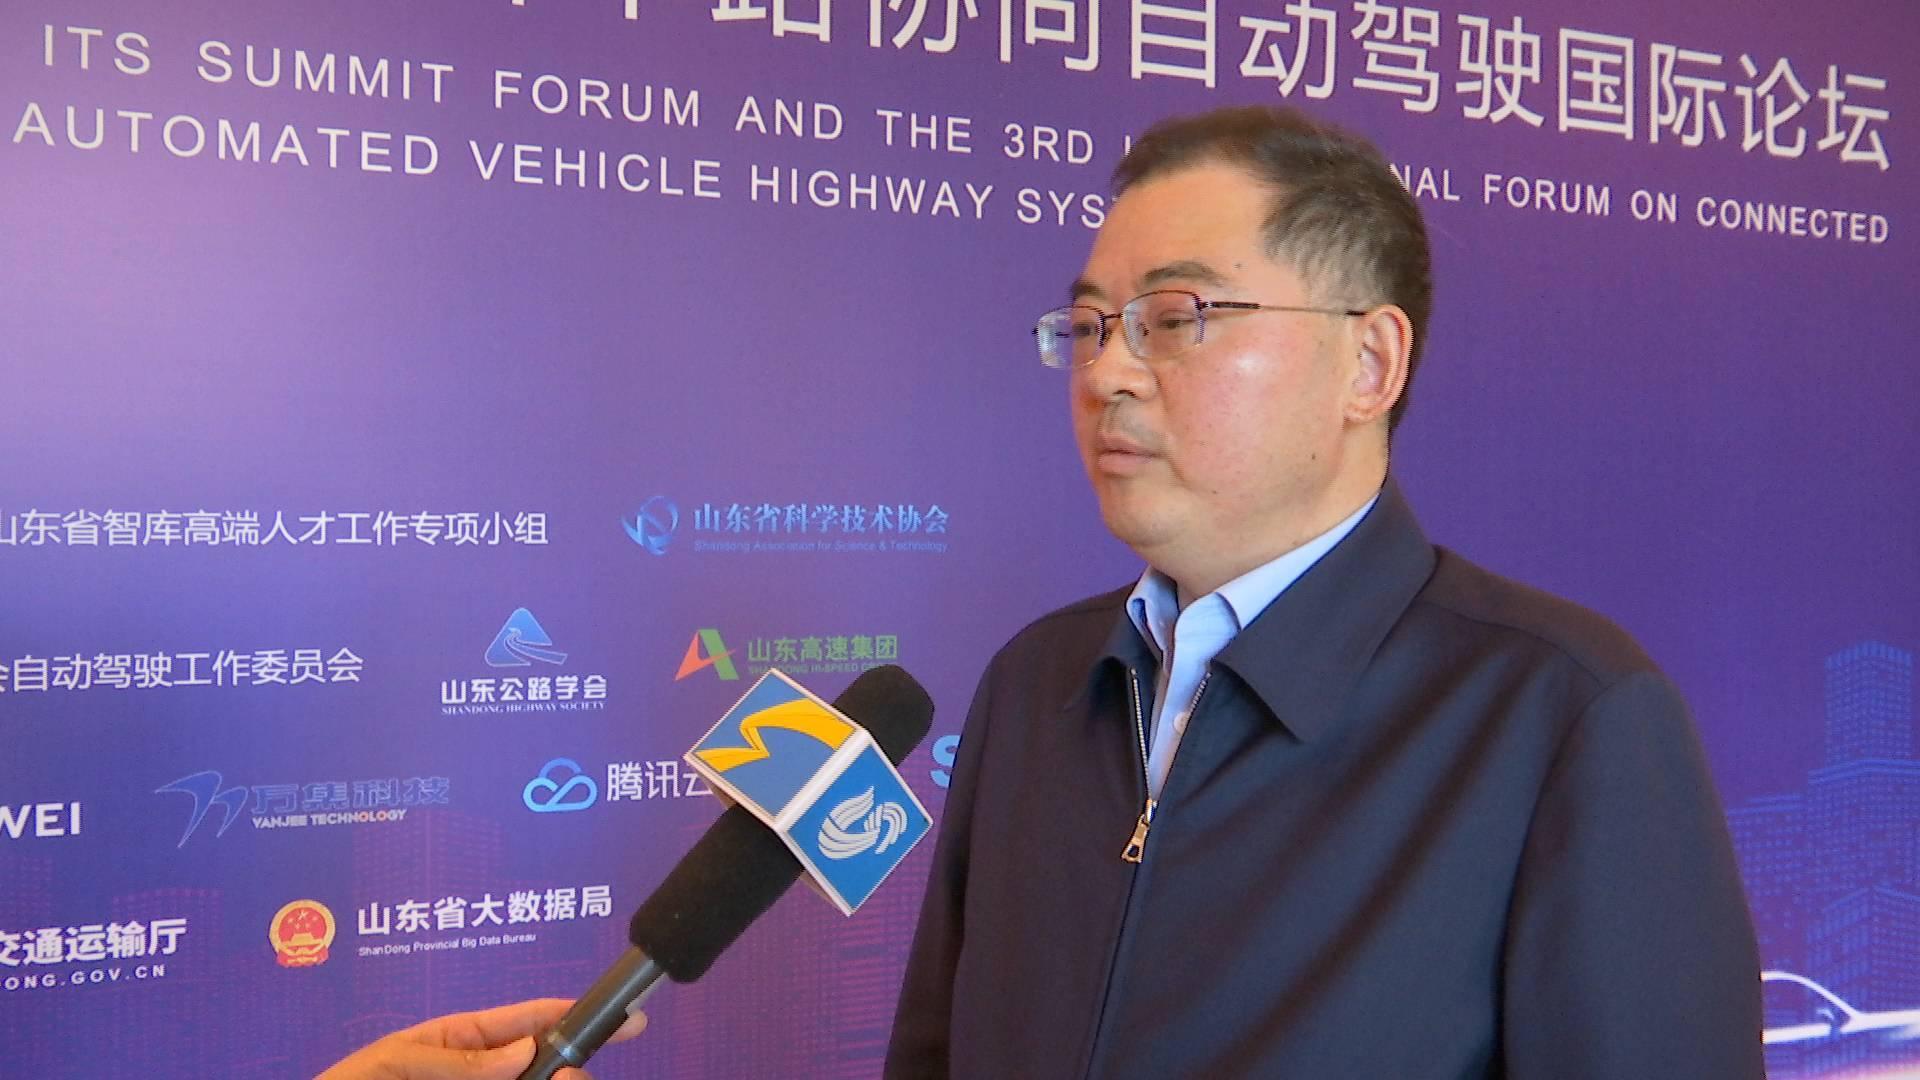 赵祥模:自动驾驶不等于无人驾驶 高速公路智能网联化发展需以点带面测试助推